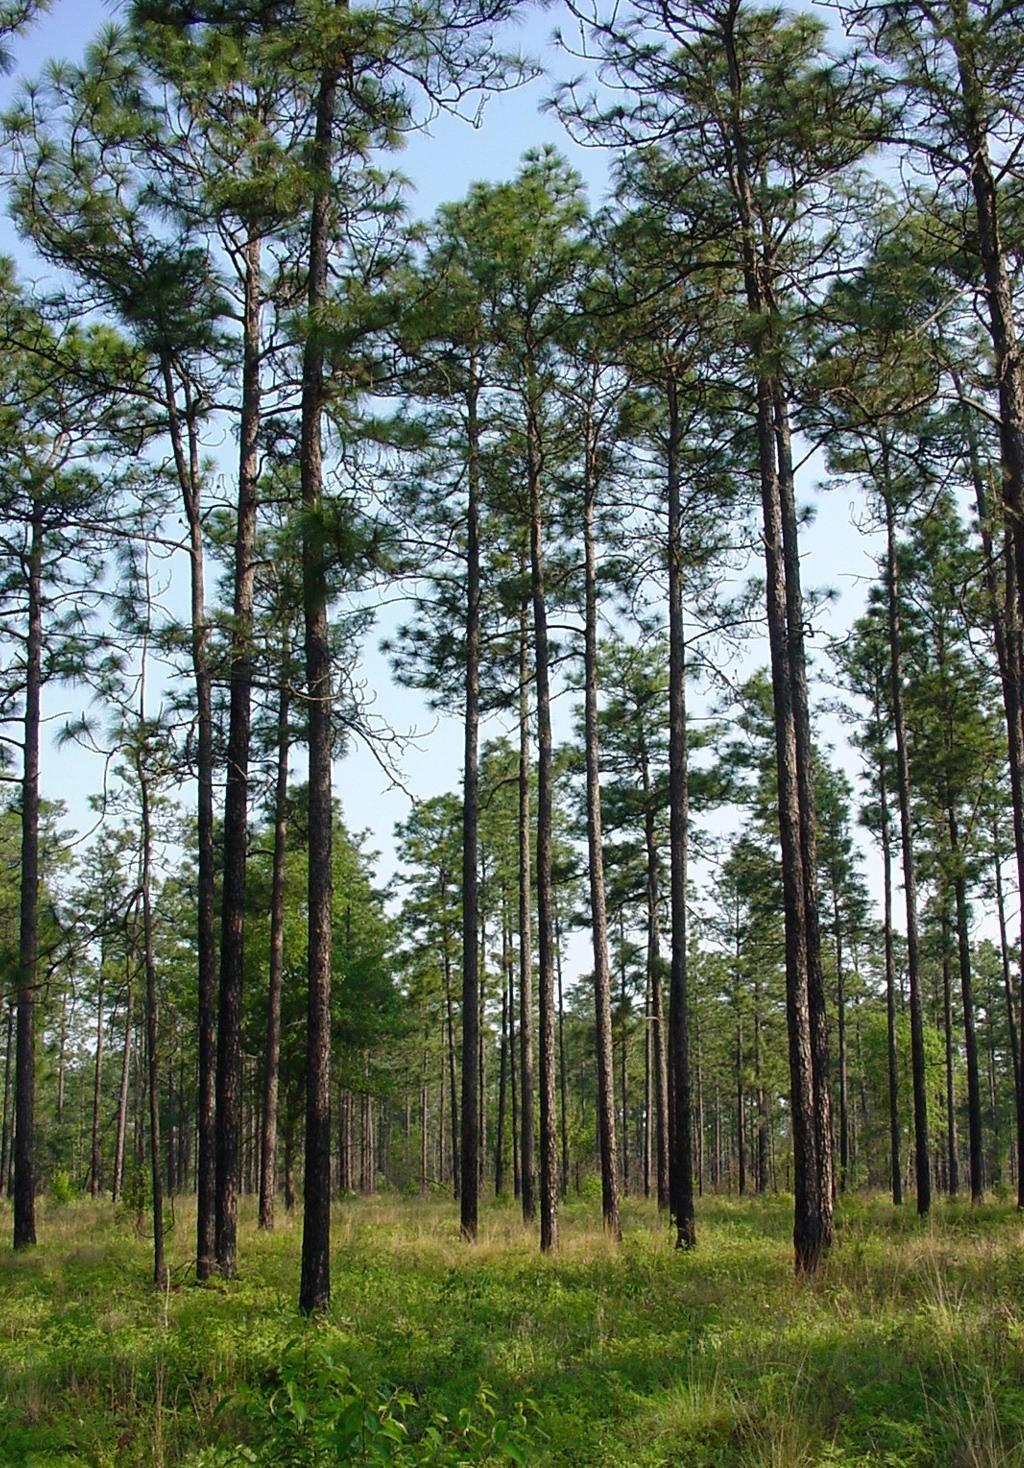 North Carolina State Tree